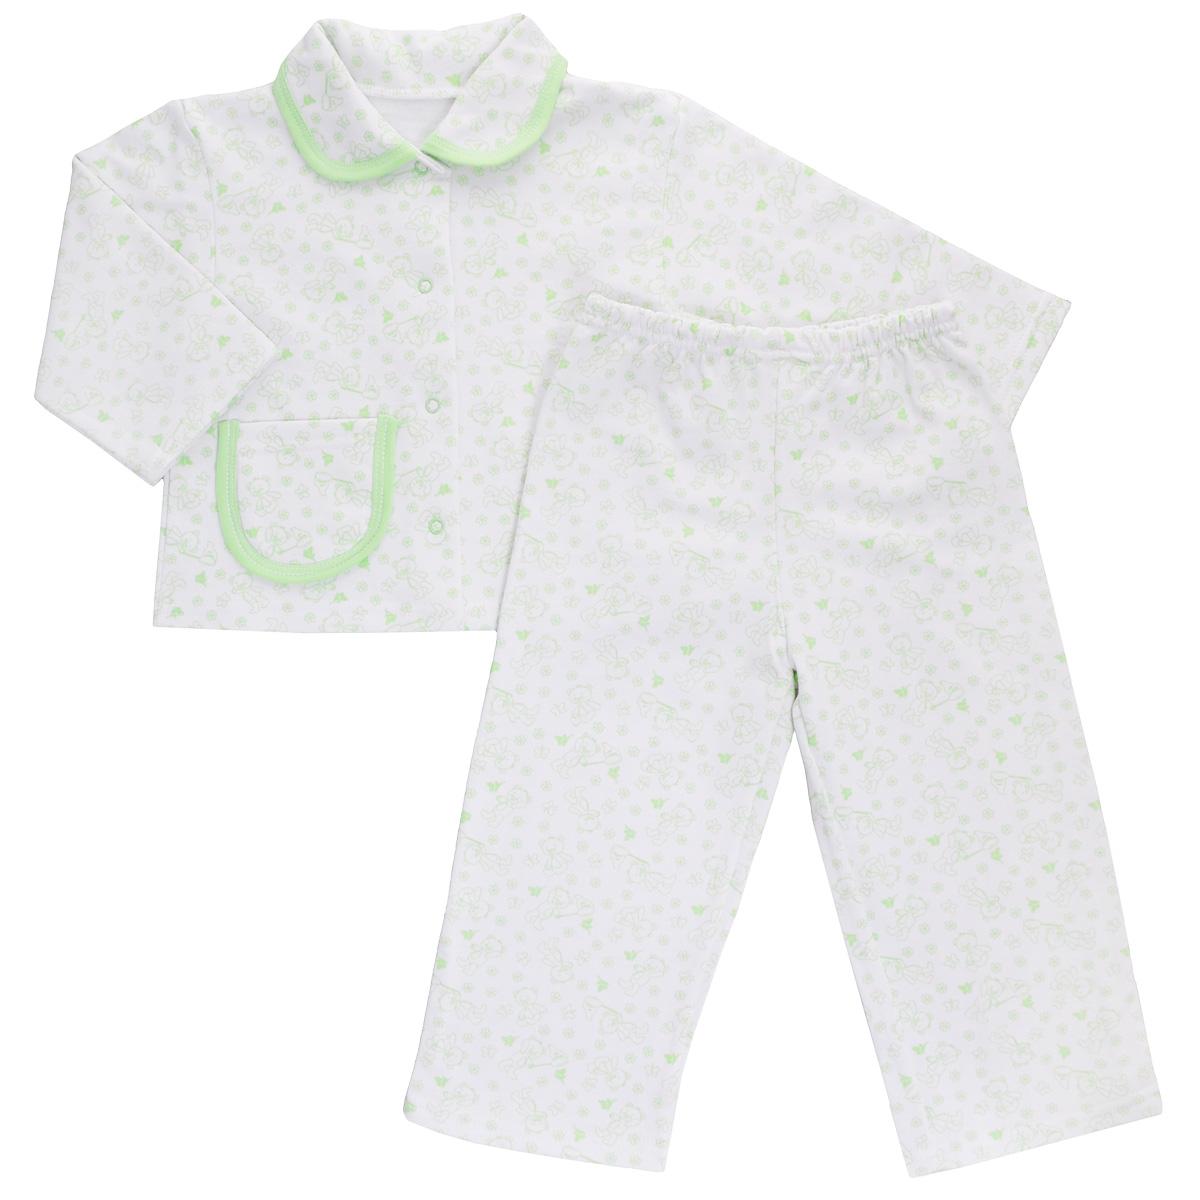 Пижама детская Трон-плюс, цвет: белый, салатовый, рисунок мишки. 5552. Размер 80/86, 1-2 года5552Яркая детская пижама Трон-плюс, состоящая из кофточки и штанишек, идеально подойдет вашему малышу и станет отличным дополнением к детскому гардеробу. Теплая пижама, изготовленная из набивного футера - натурального хлопка, необычайно мягкая и легкая, не сковывает движения ребенка, позволяет коже дышать и не раздражает даже самую нежную и чувствительную кожу малыша. Кофта с длинными рукавами имеет отложной воротничок и застегивается на кнопки, также оформлена небольшим накладным карманчиком. Штанишки на удобной резинке не сдавливают животик ребенка и не сползают.В такой пижаме ваш ребенок будет чувствовать себя комфортно и уютно во время сна.